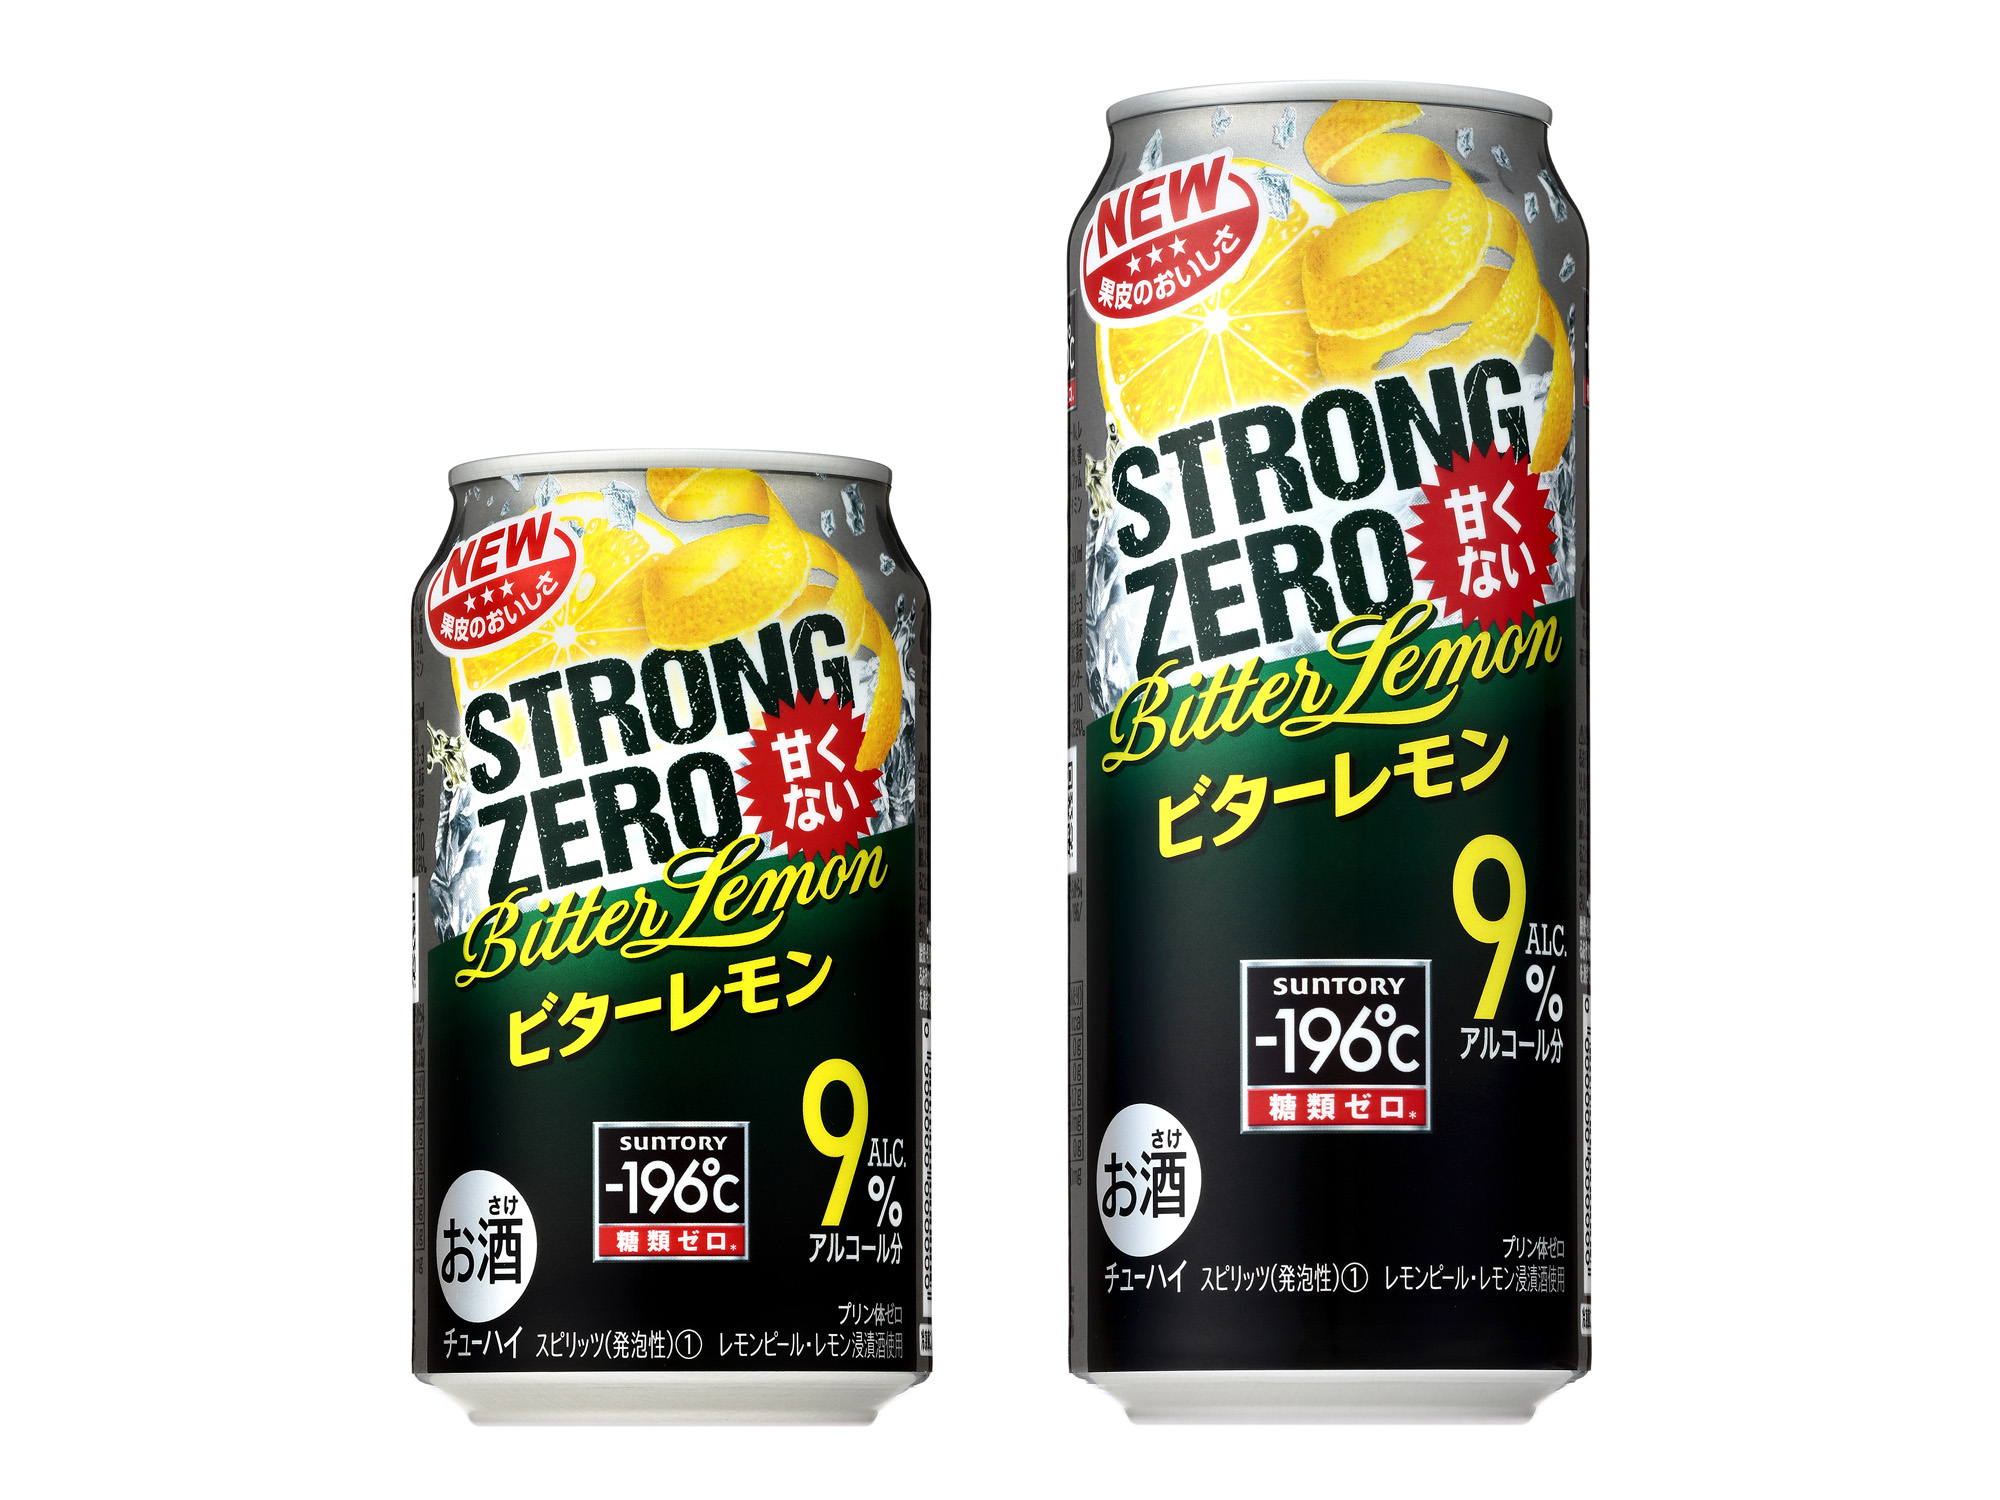 「-196℃ ストロングゼロ〈ビターレモン〉」通年商品として新発売 2016年5月17日 ニュースリリース サントリー